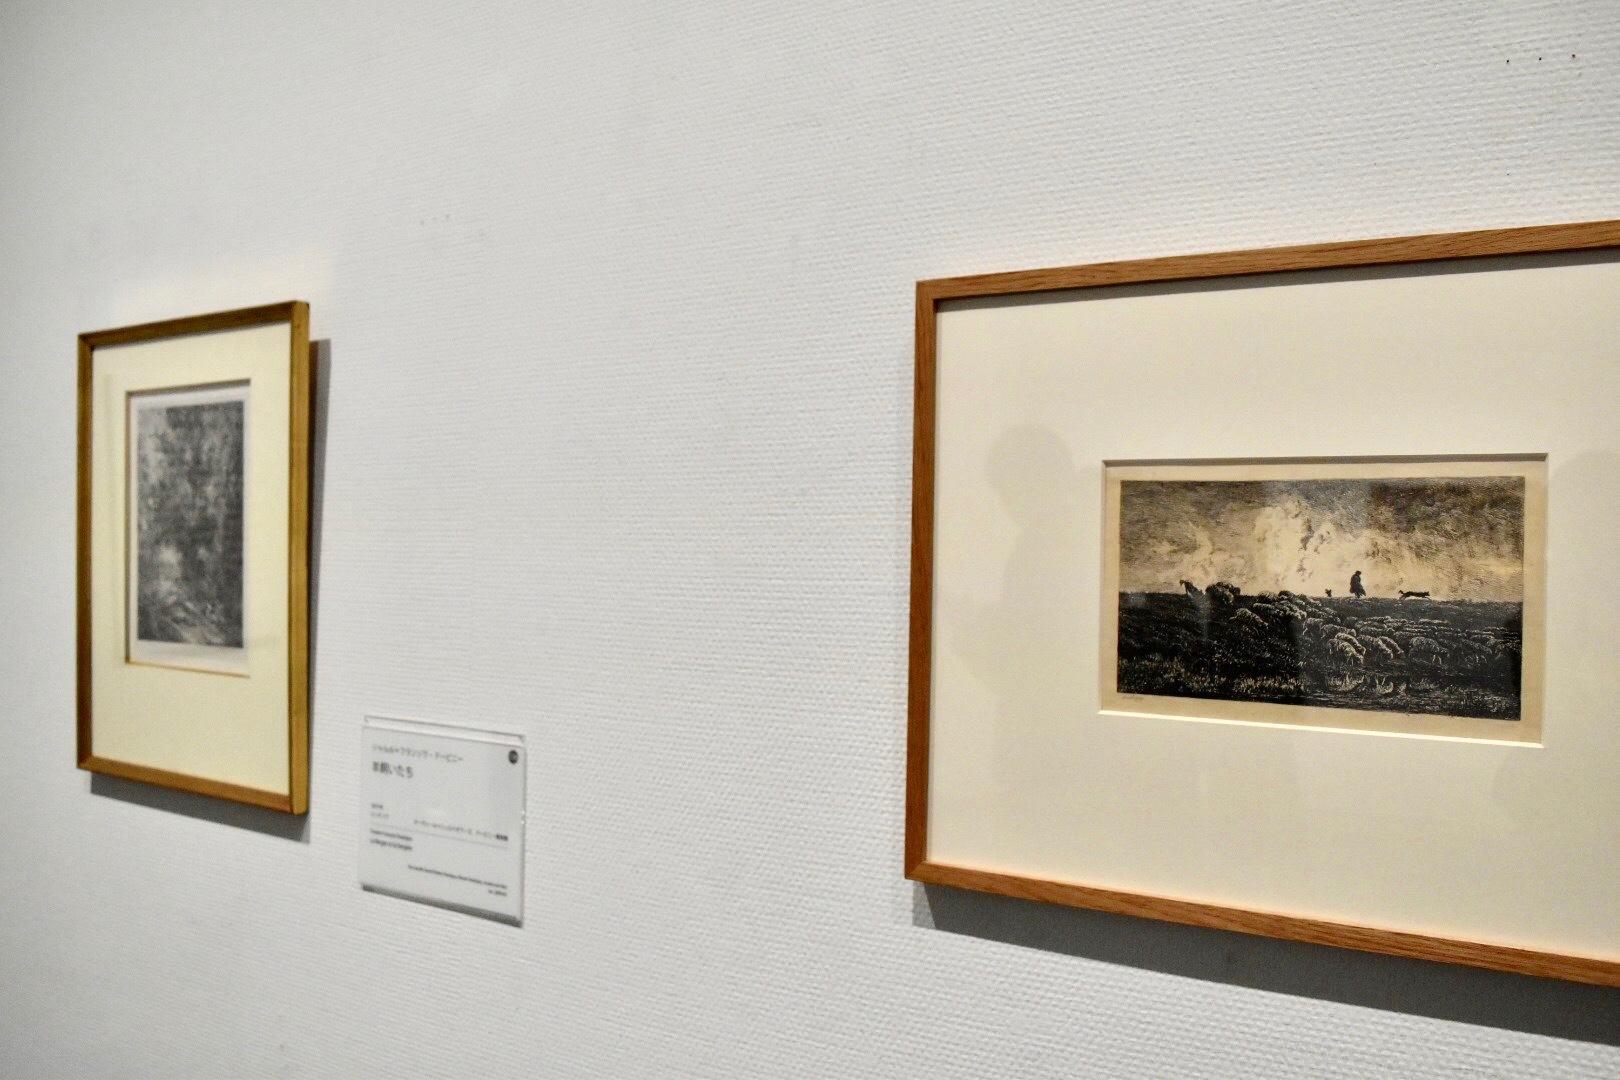 右:シャルル=フランソワ・ドービニー 《にわか雨》 1851年 ドービニー美術館蔵